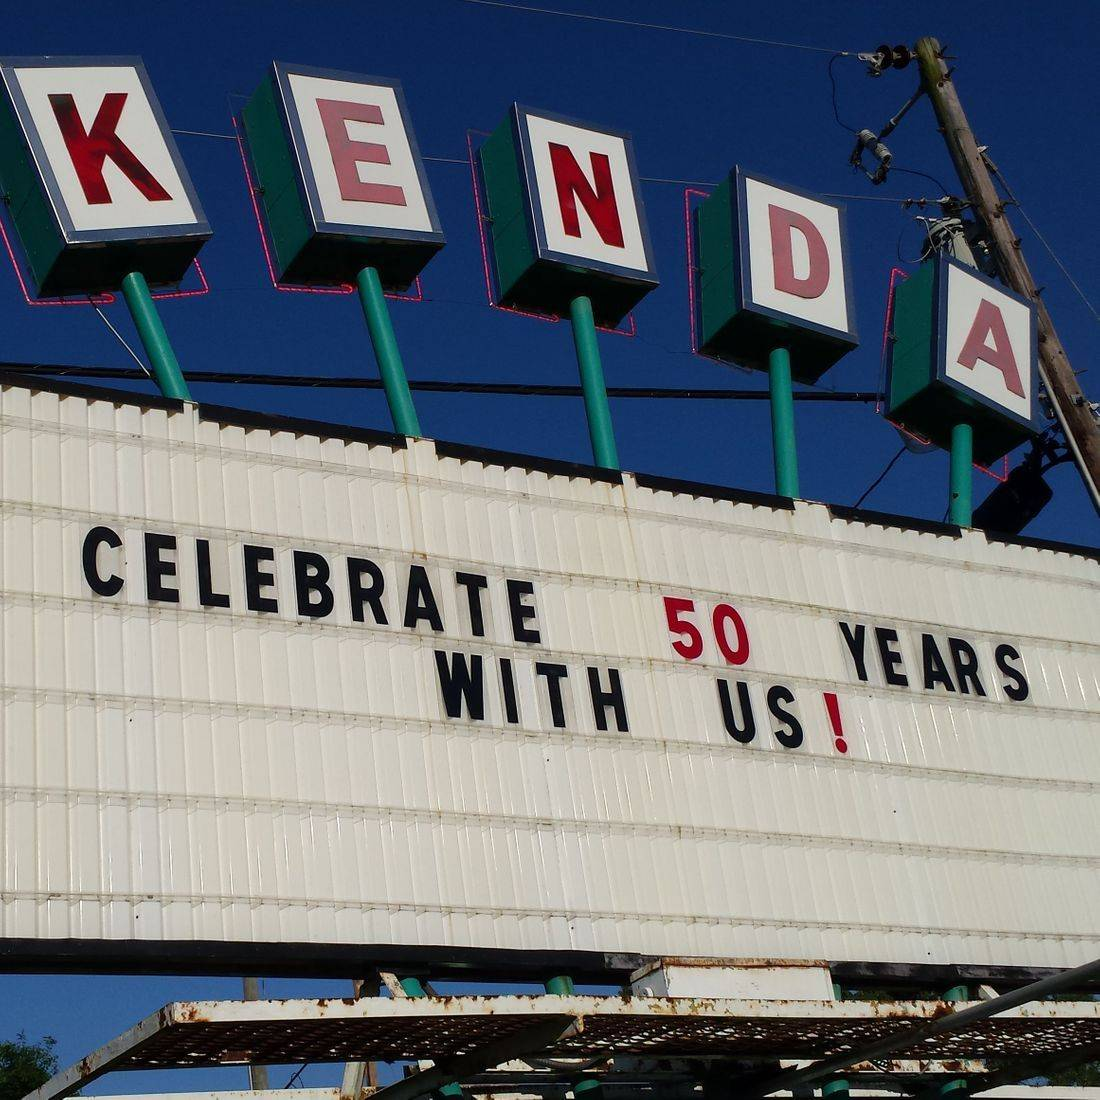 Kenda Drive-in